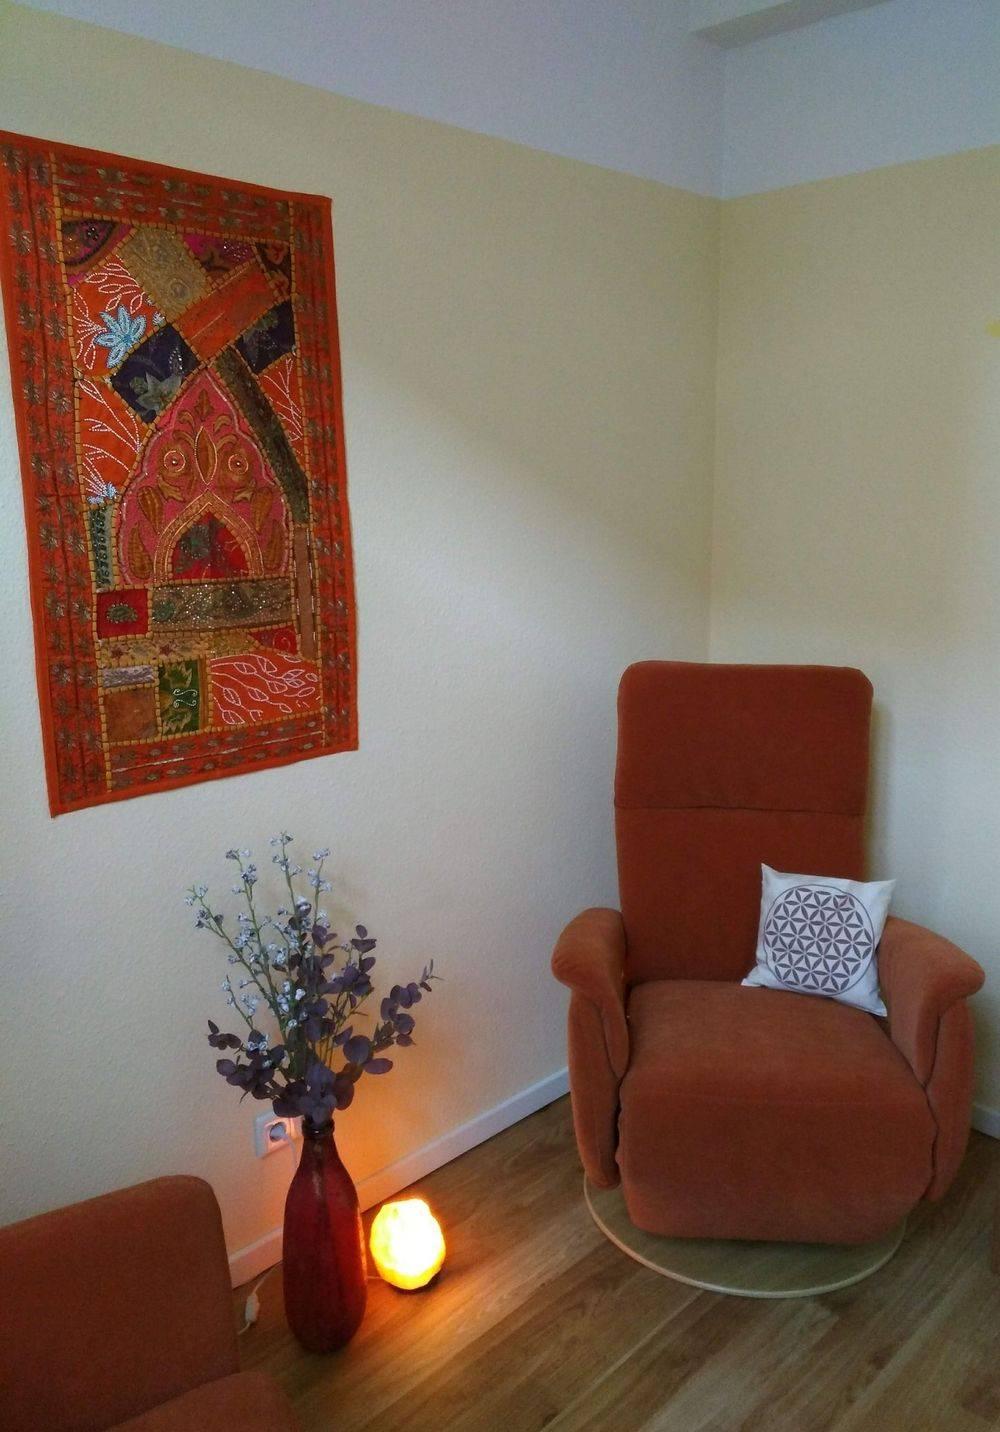 Lebenskreise - Praxis für Energietherapie - Ruhe und Entspannung erwarten dich!